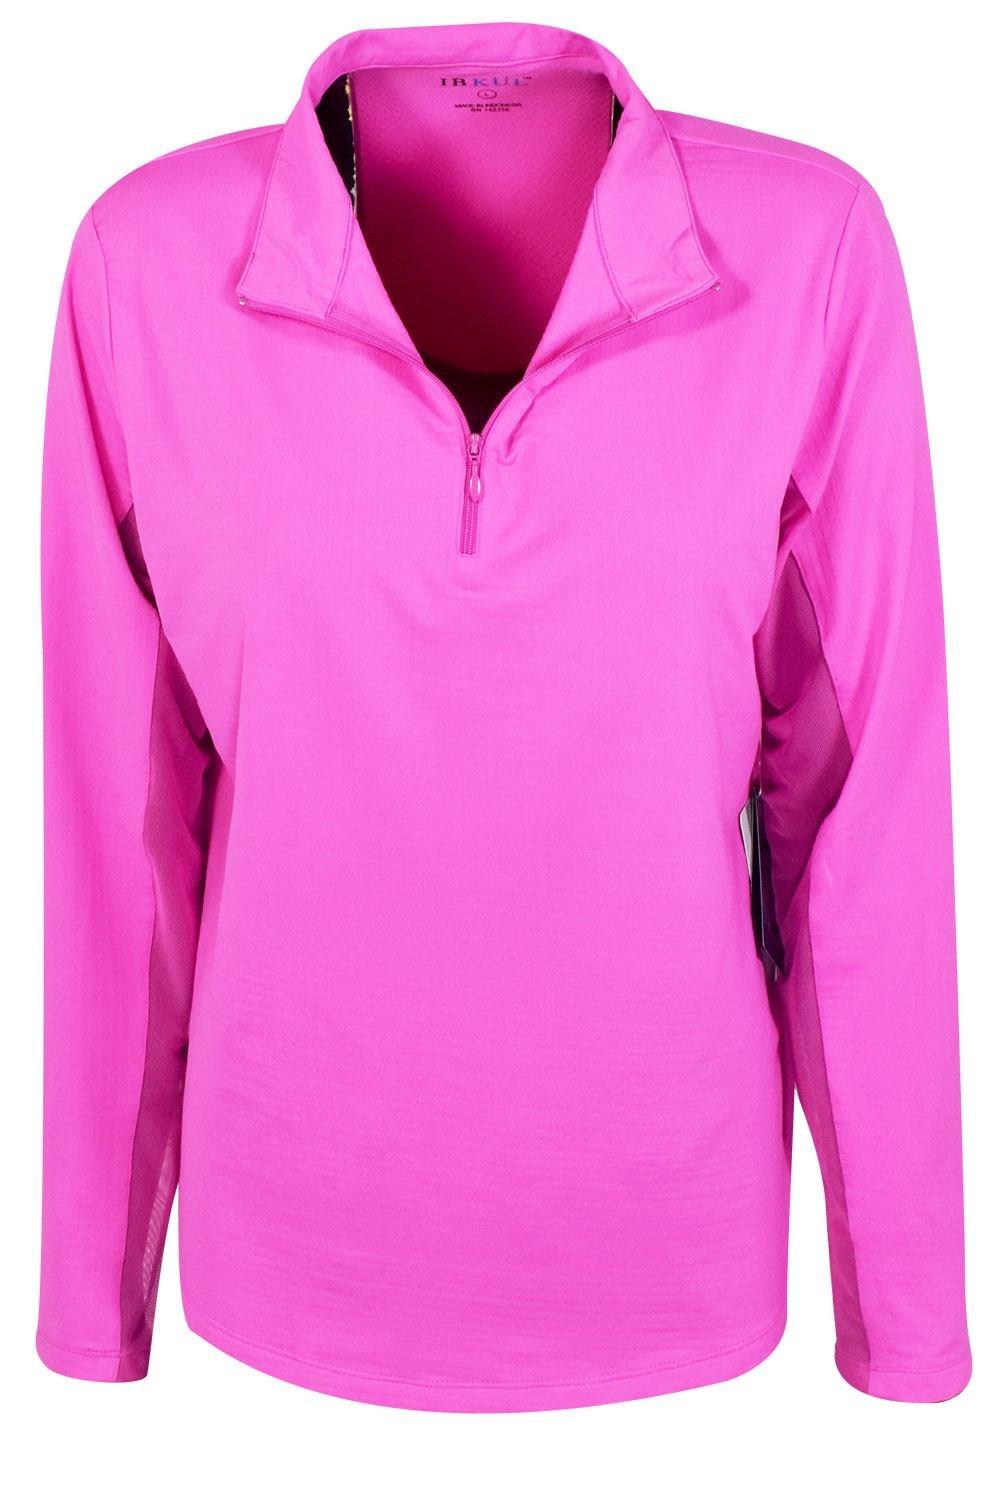 IBKUL Golf- Ladies Long Sleeve 1/4 Zip Mock Hot Pink M by IBKUL